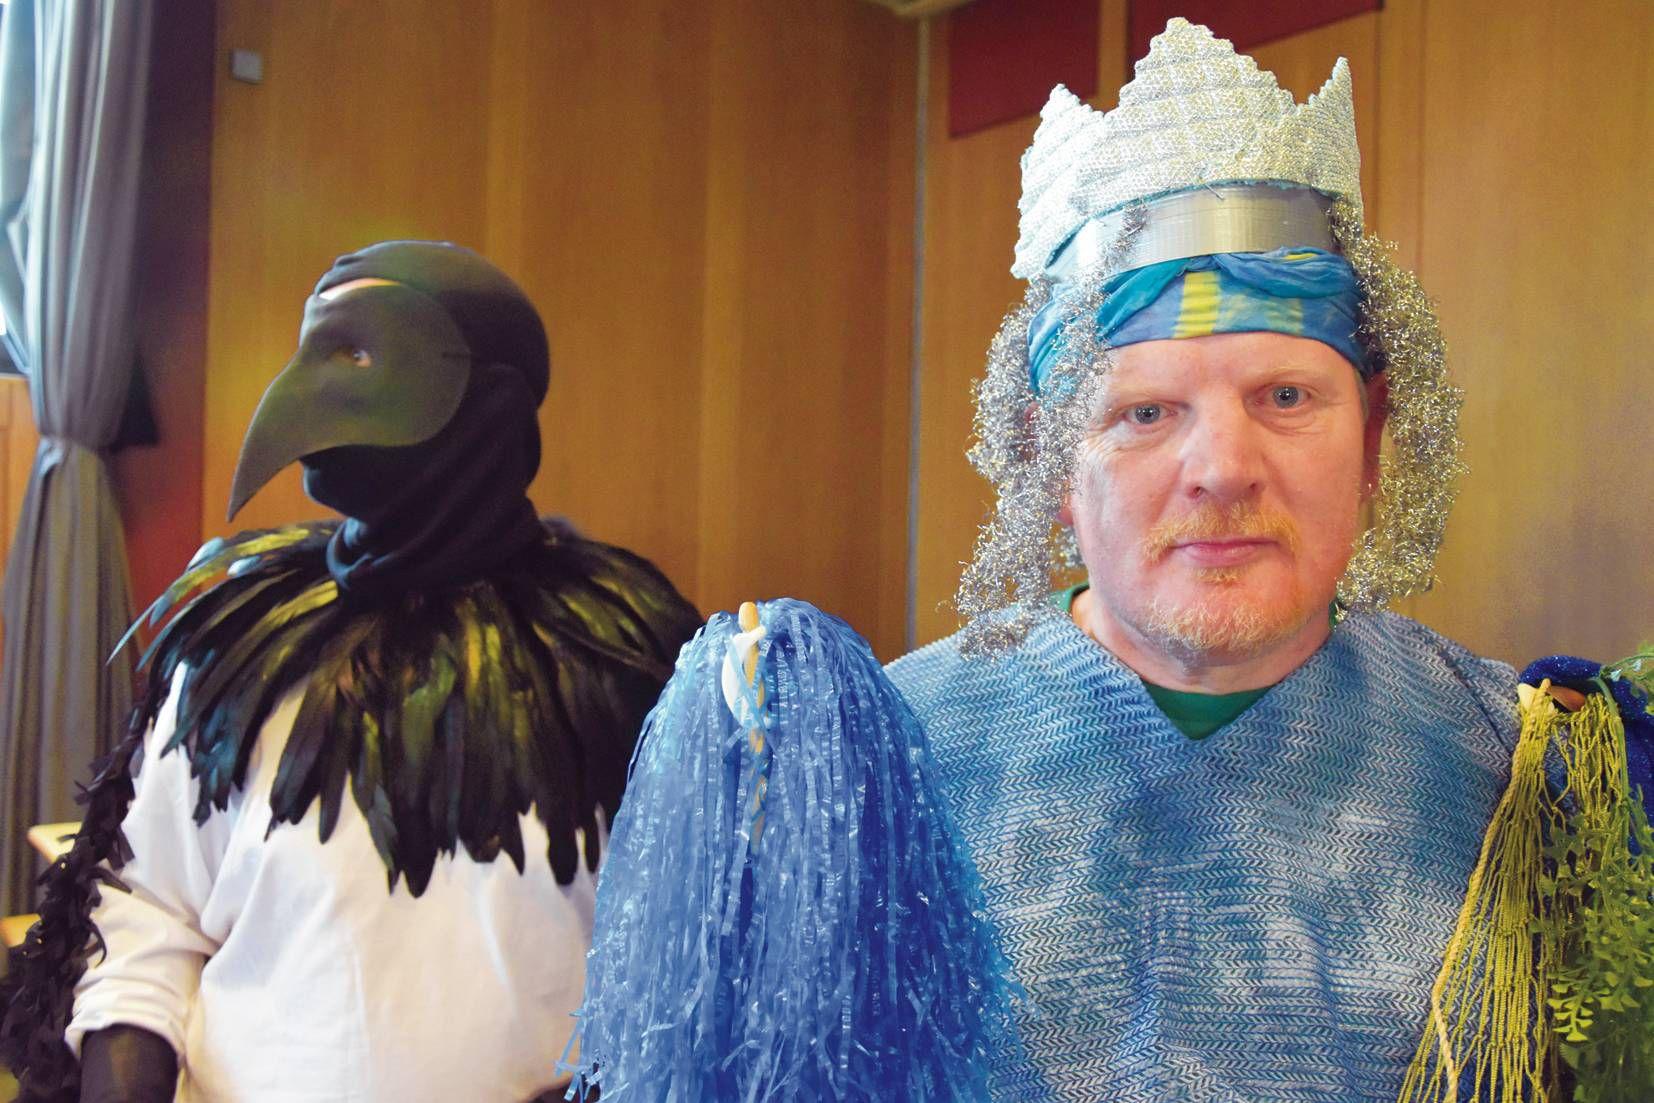 Enrico Illhardt (rechts) in der Rolle des Flussgottes Mönus, hinter ihm Andreas Hein als Elster.